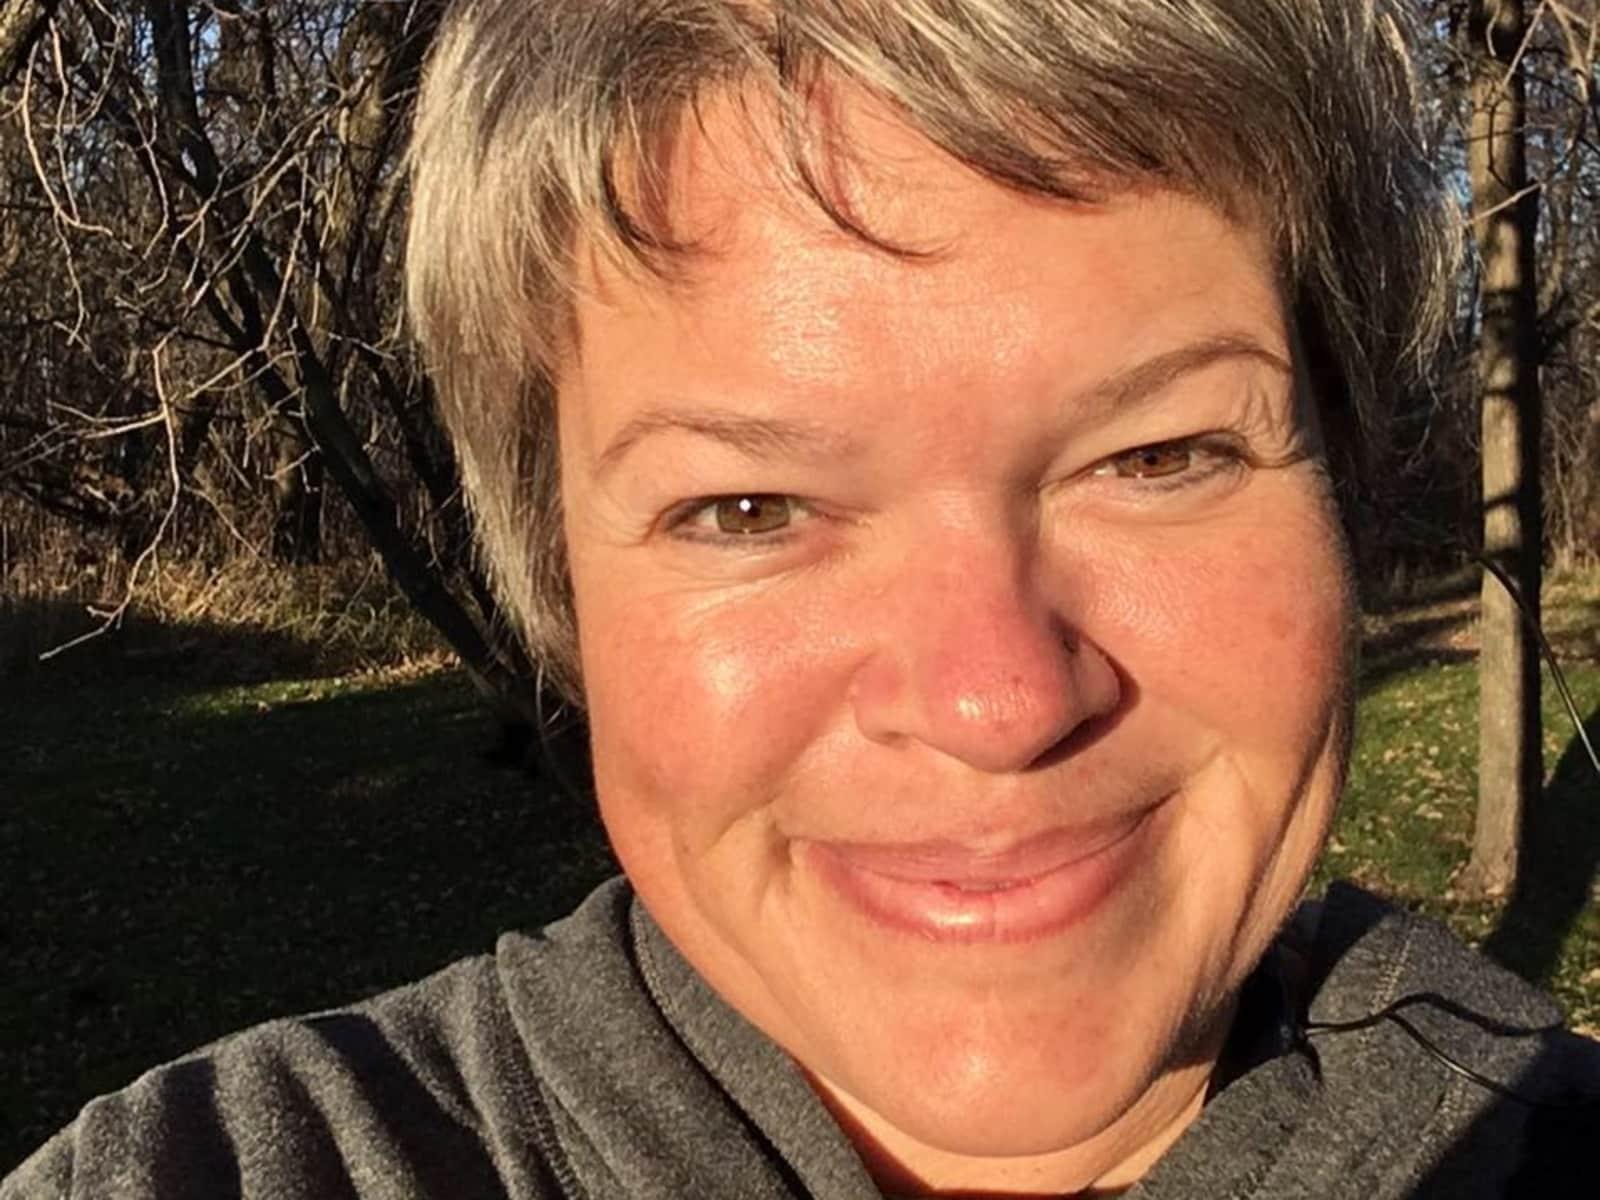 Nicolle from Boise, Idaho, United States